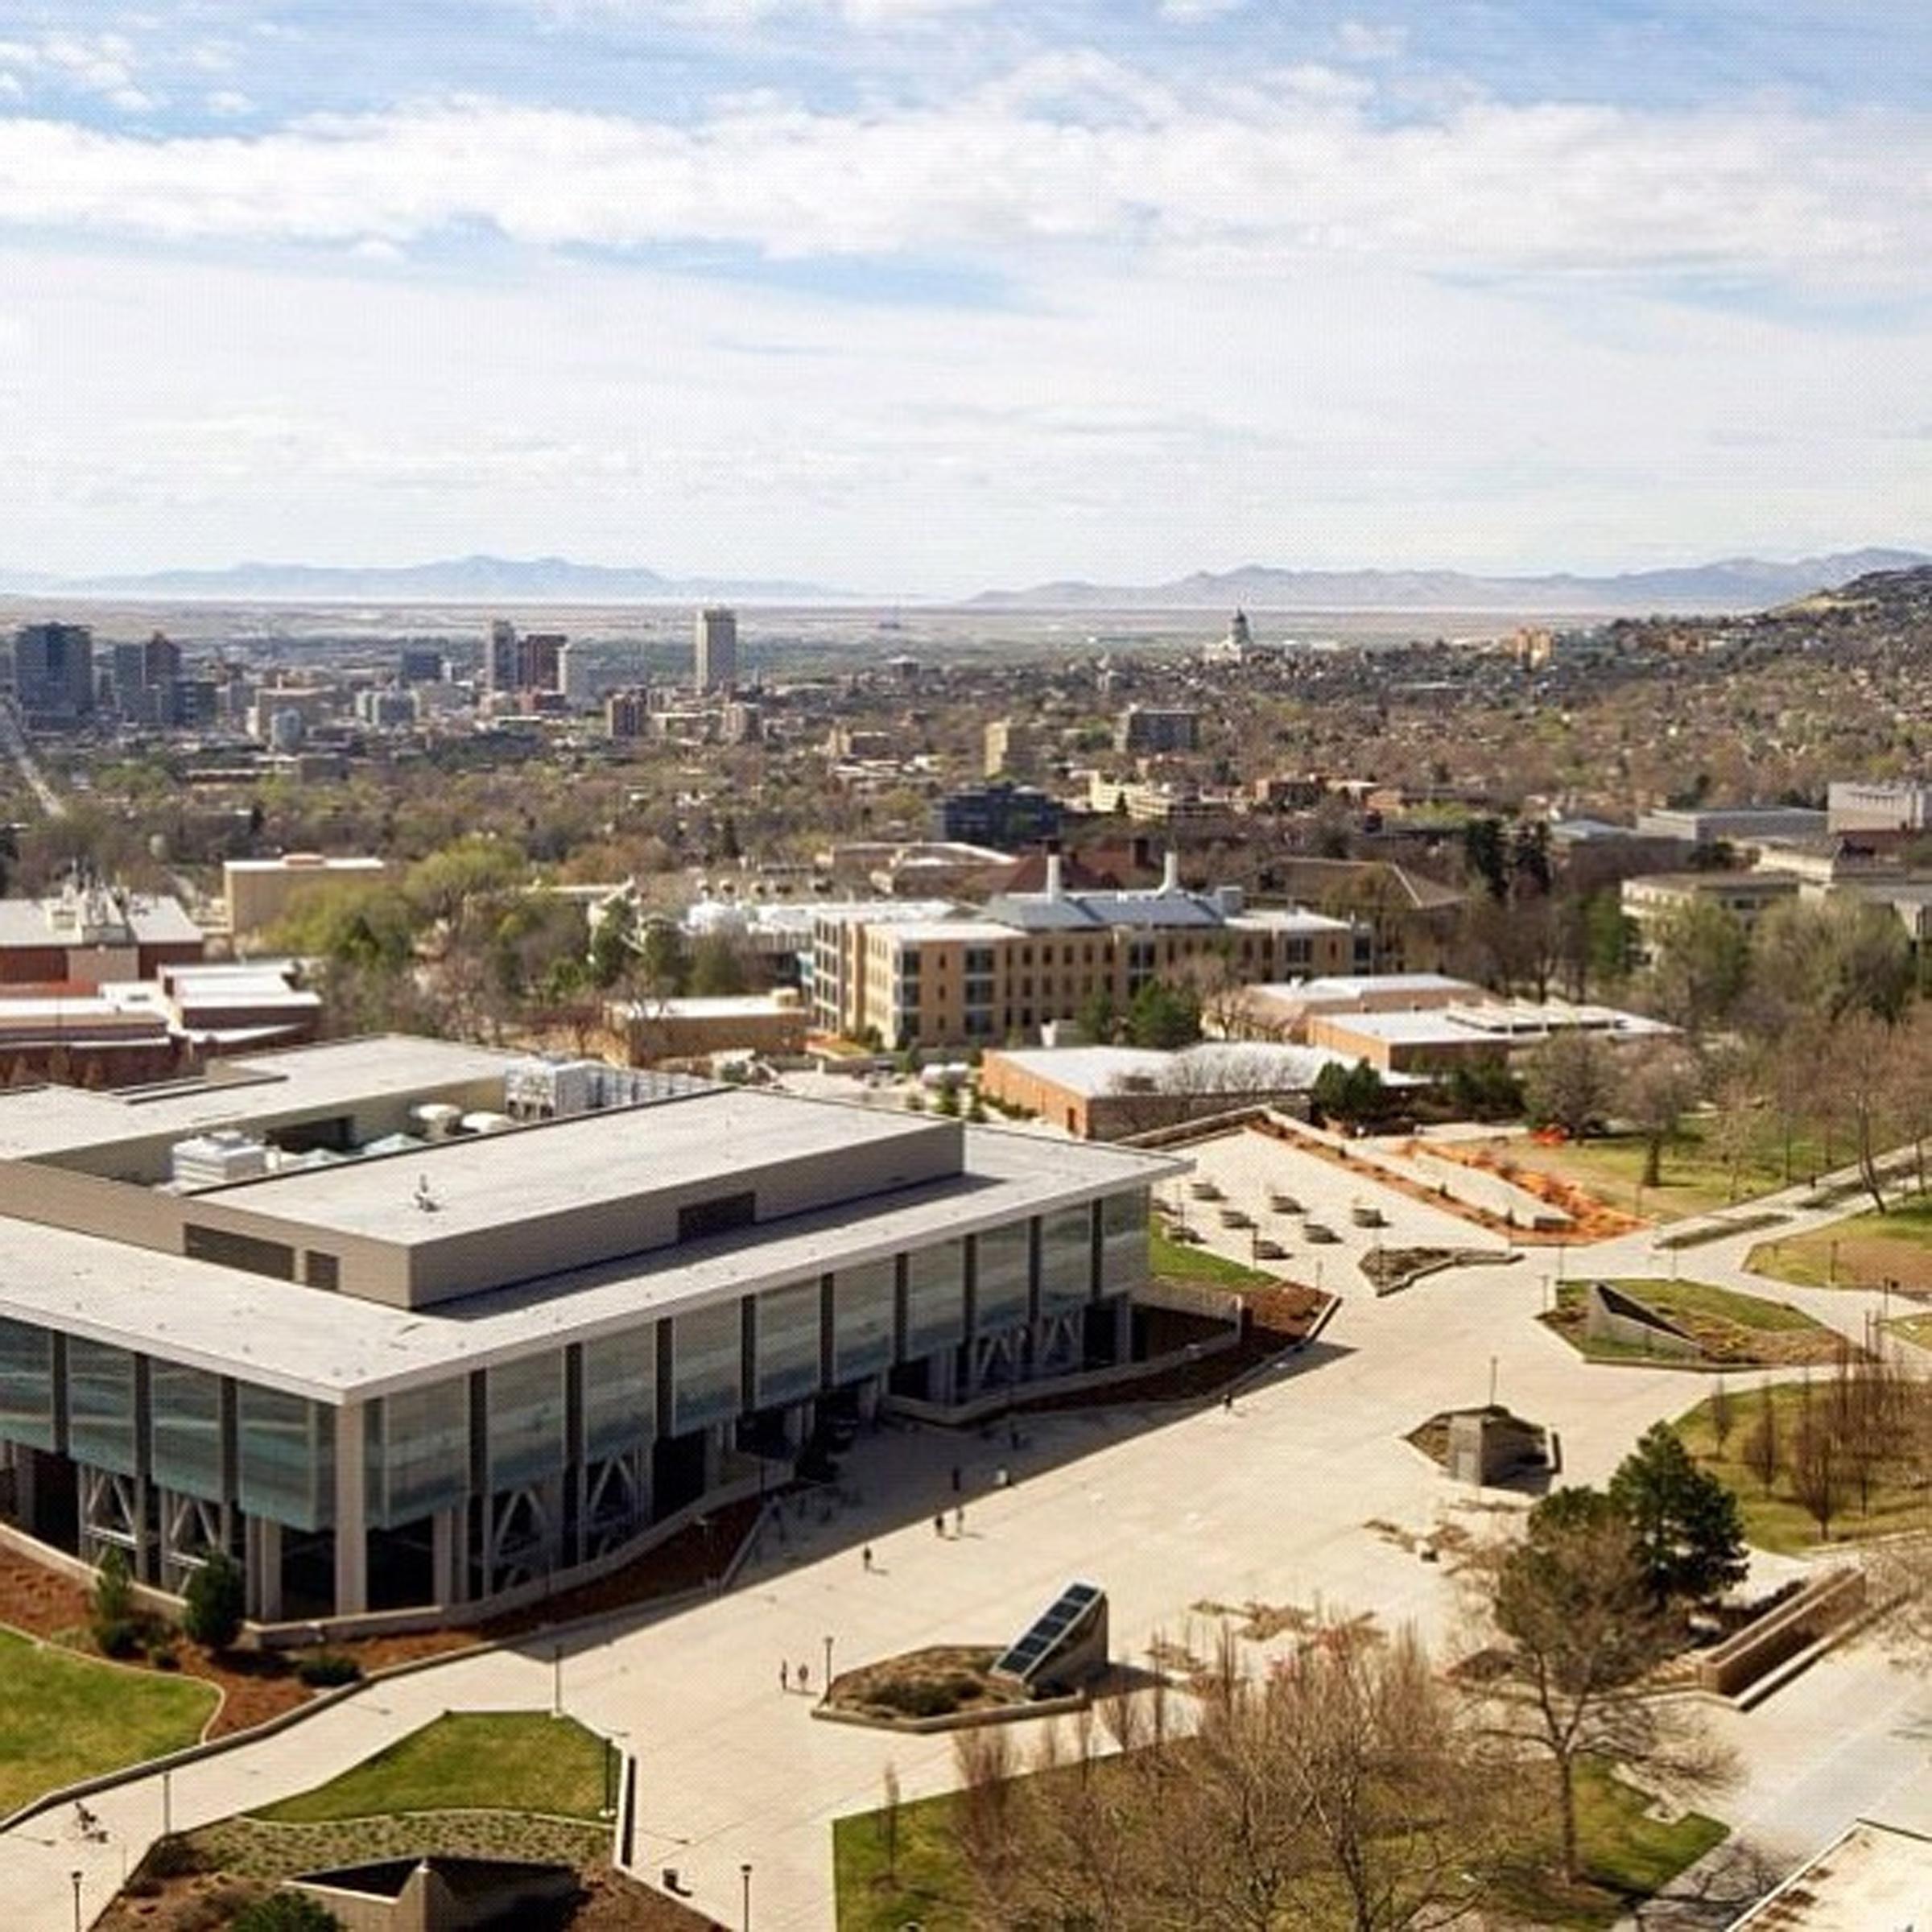 University of Utah campus and Salt Lake City.